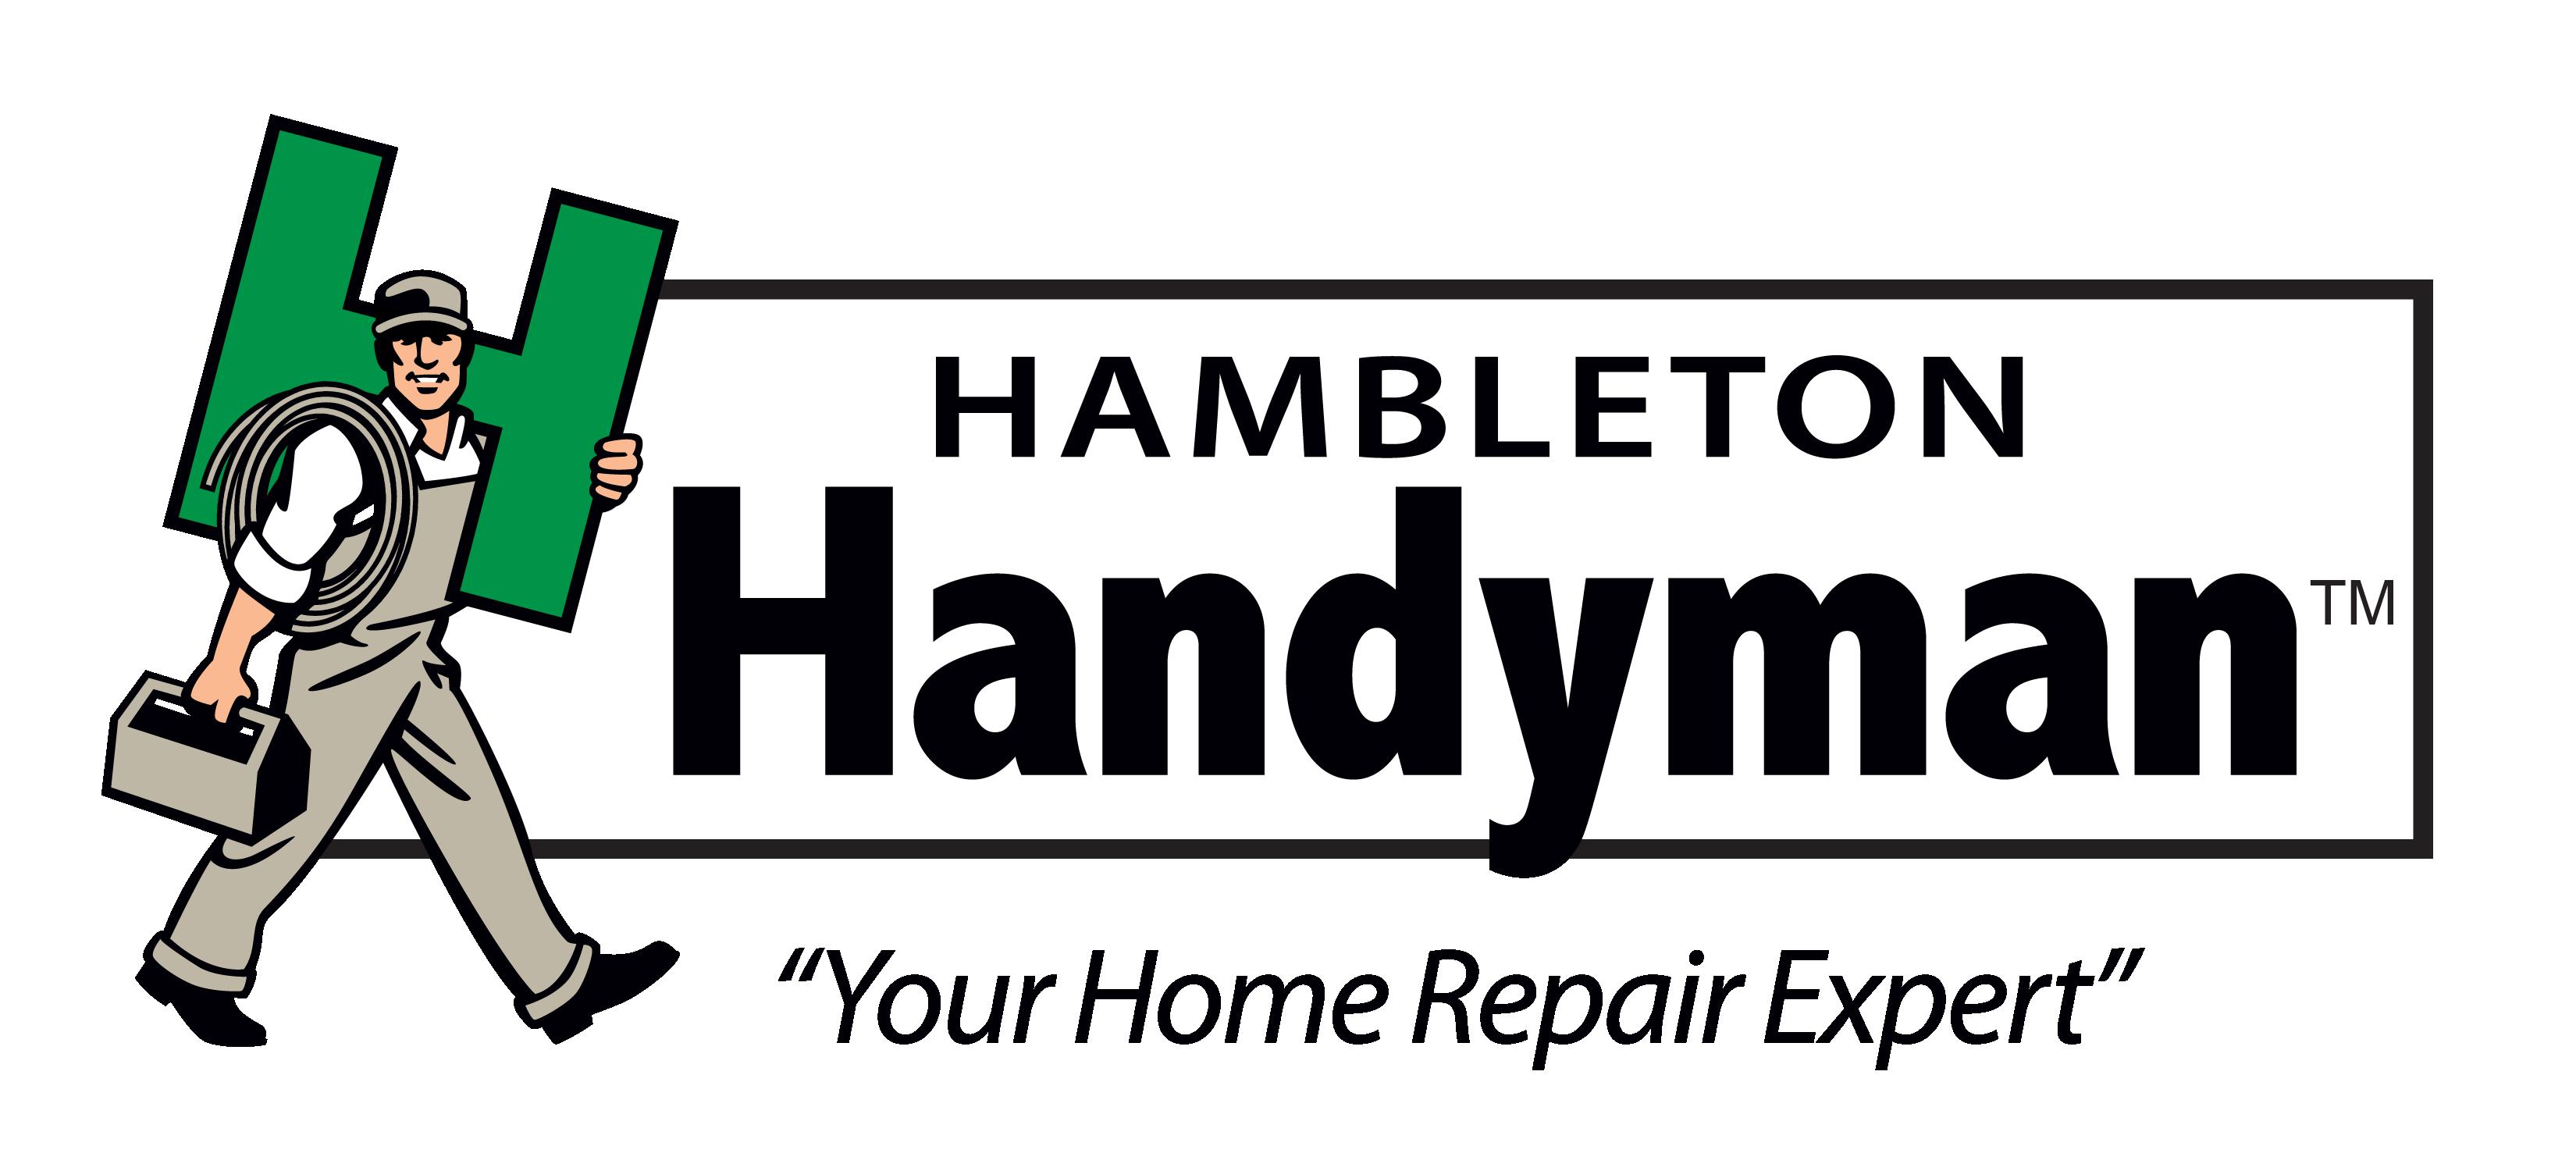 Hambleton-Handyman-logo-page